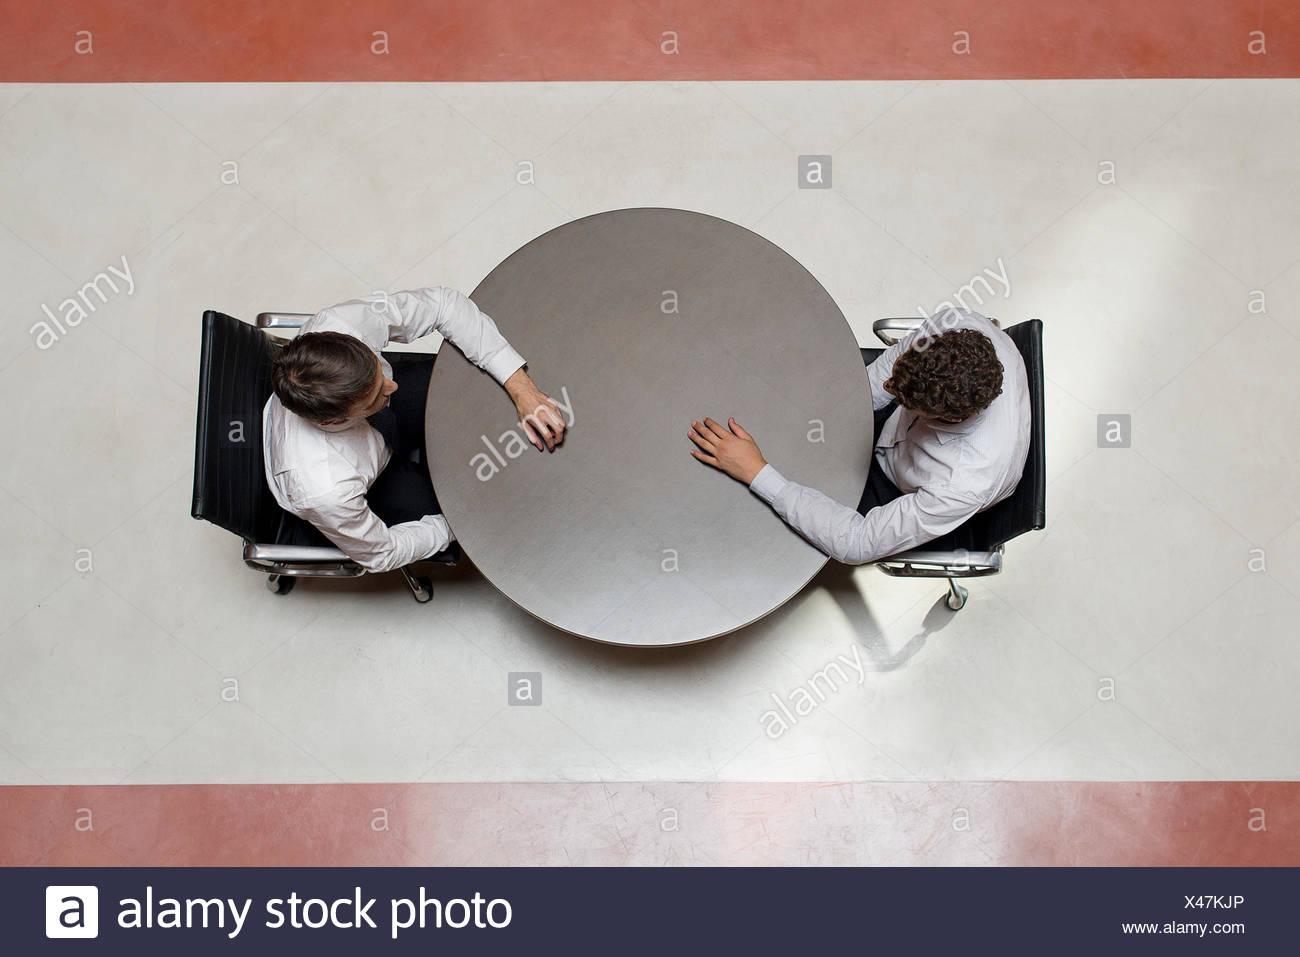 Los empresarios stting uno frente a otro Imagen De Stock